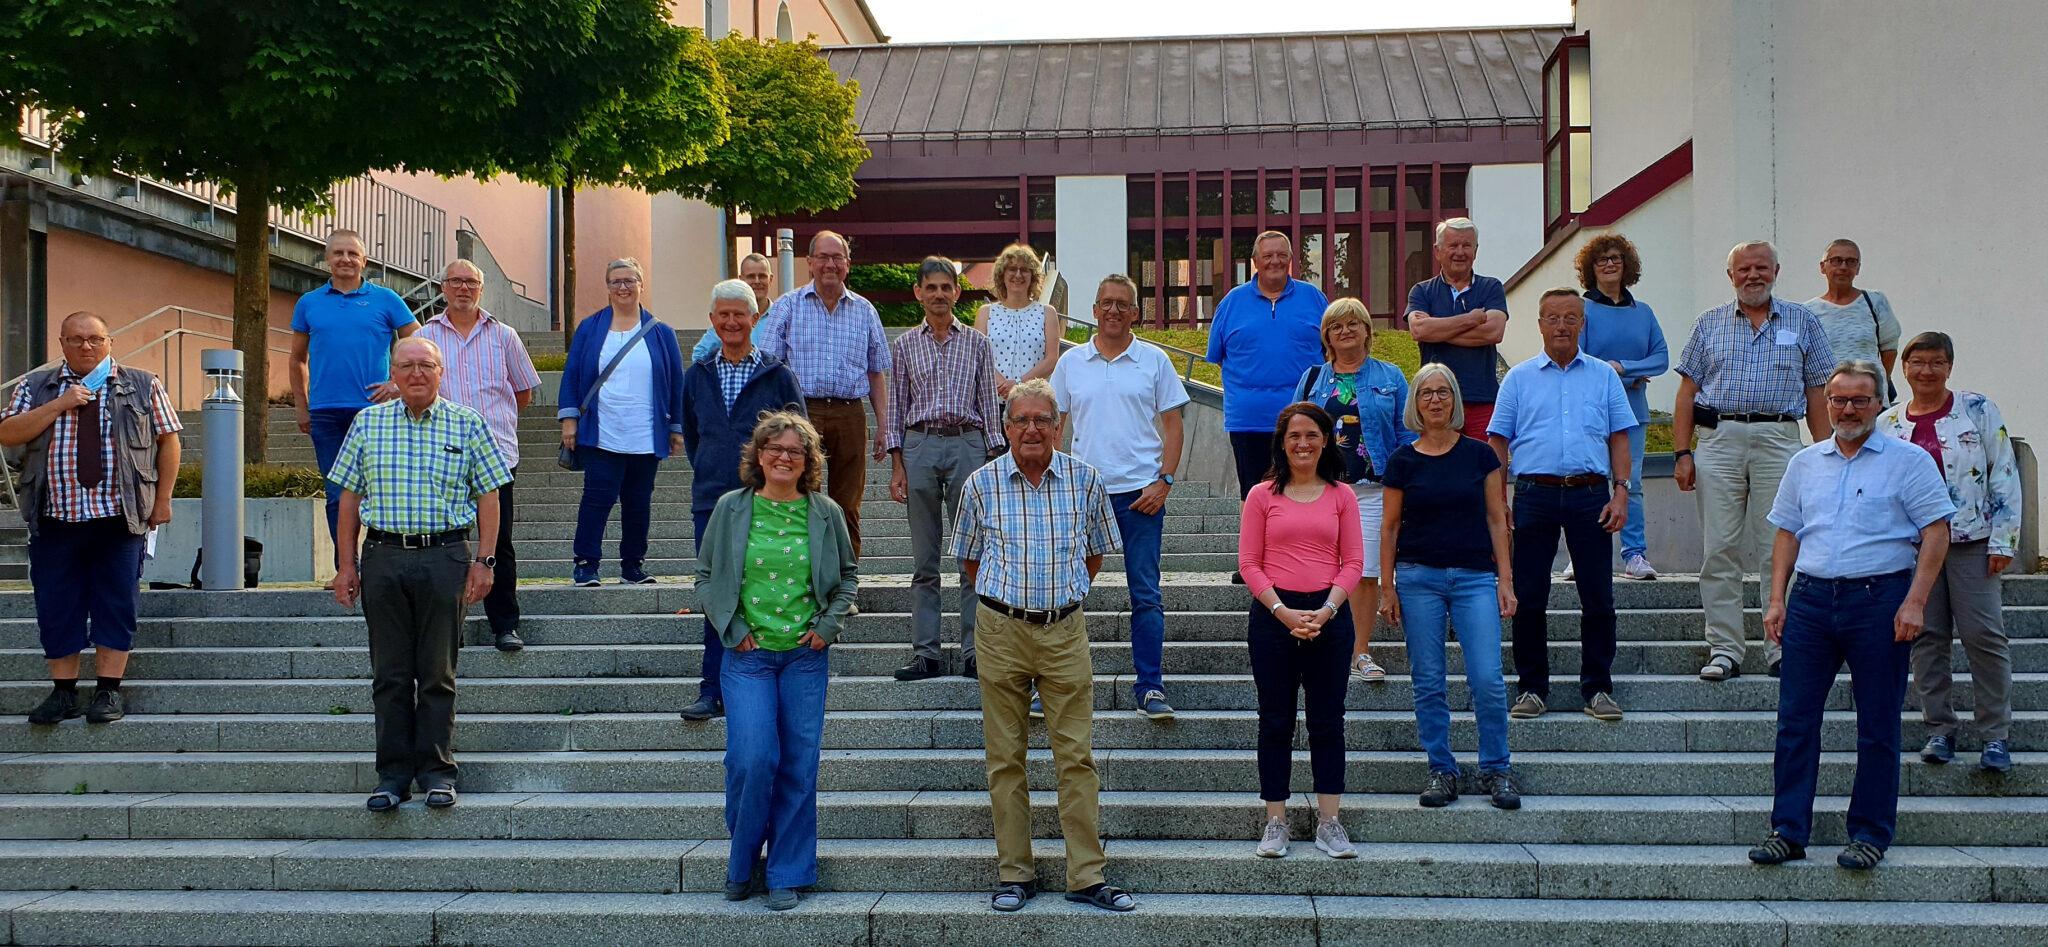 Bei der Gründung ihres Vereins: die Rottweiler Gästeführer. Foto: pm